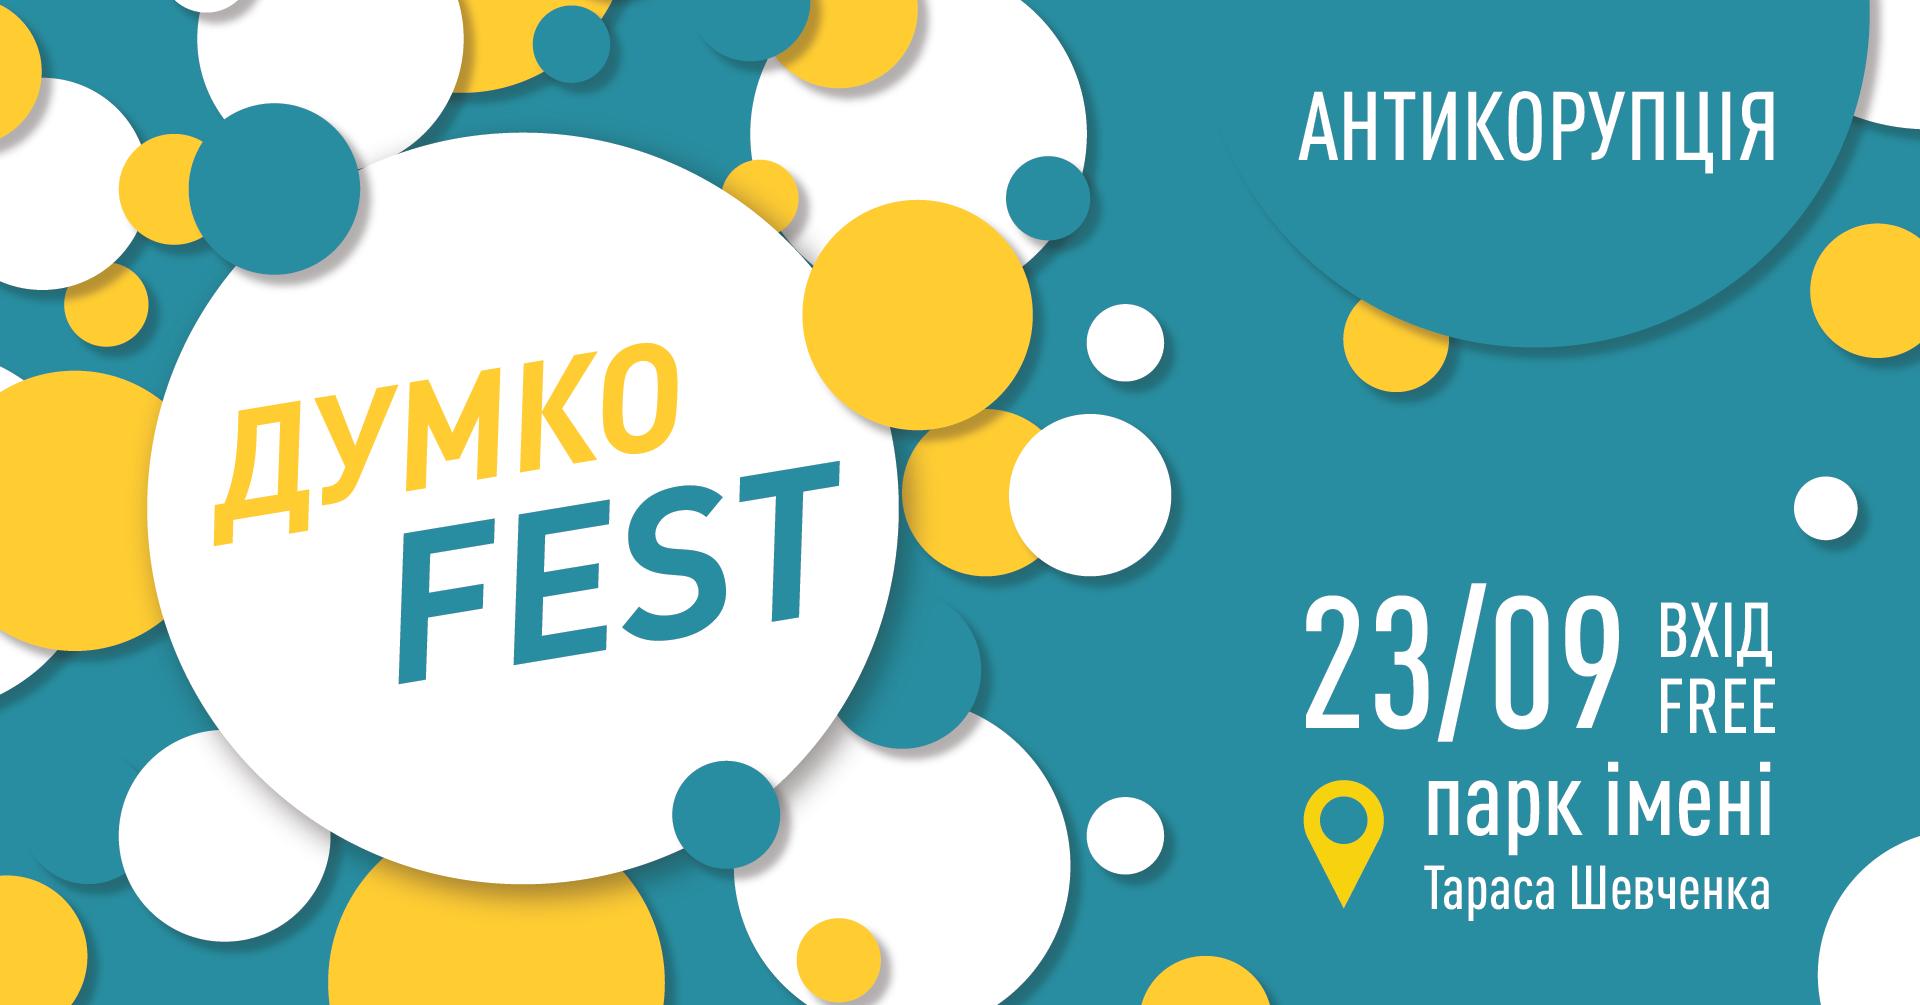 Фестиваль діалогу «ДумкоFest. Антикорупція»